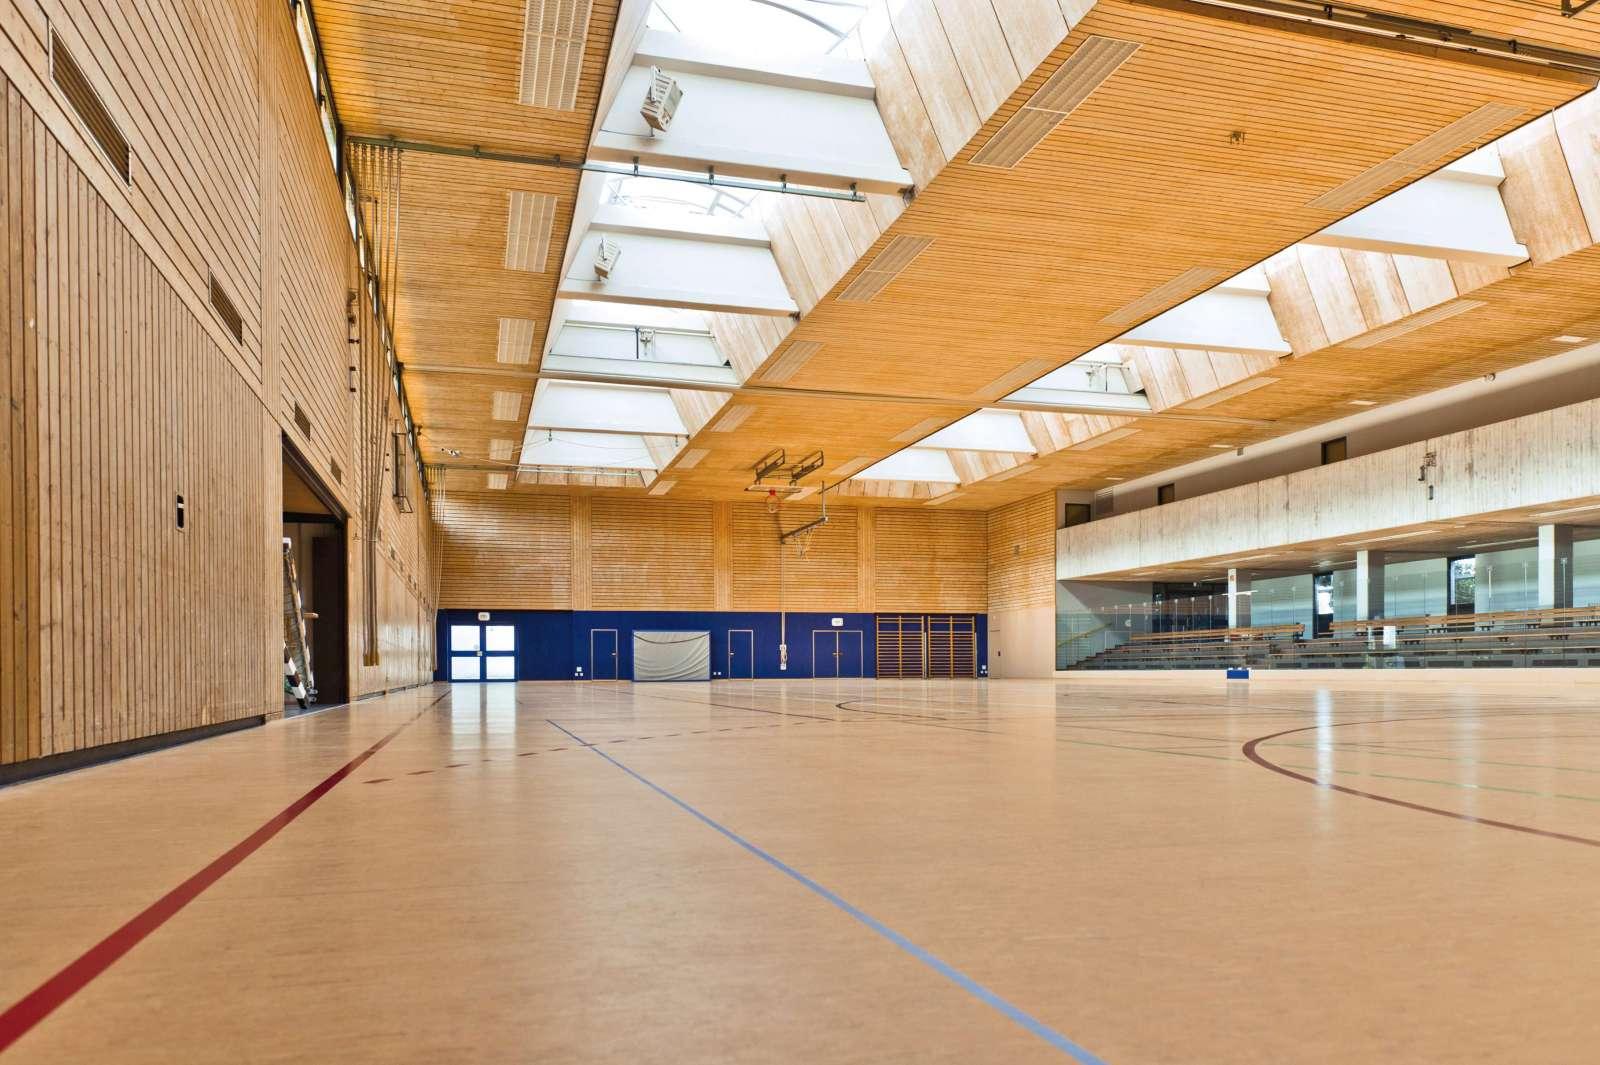 Ablachhalle/Sporthalle - Mengen